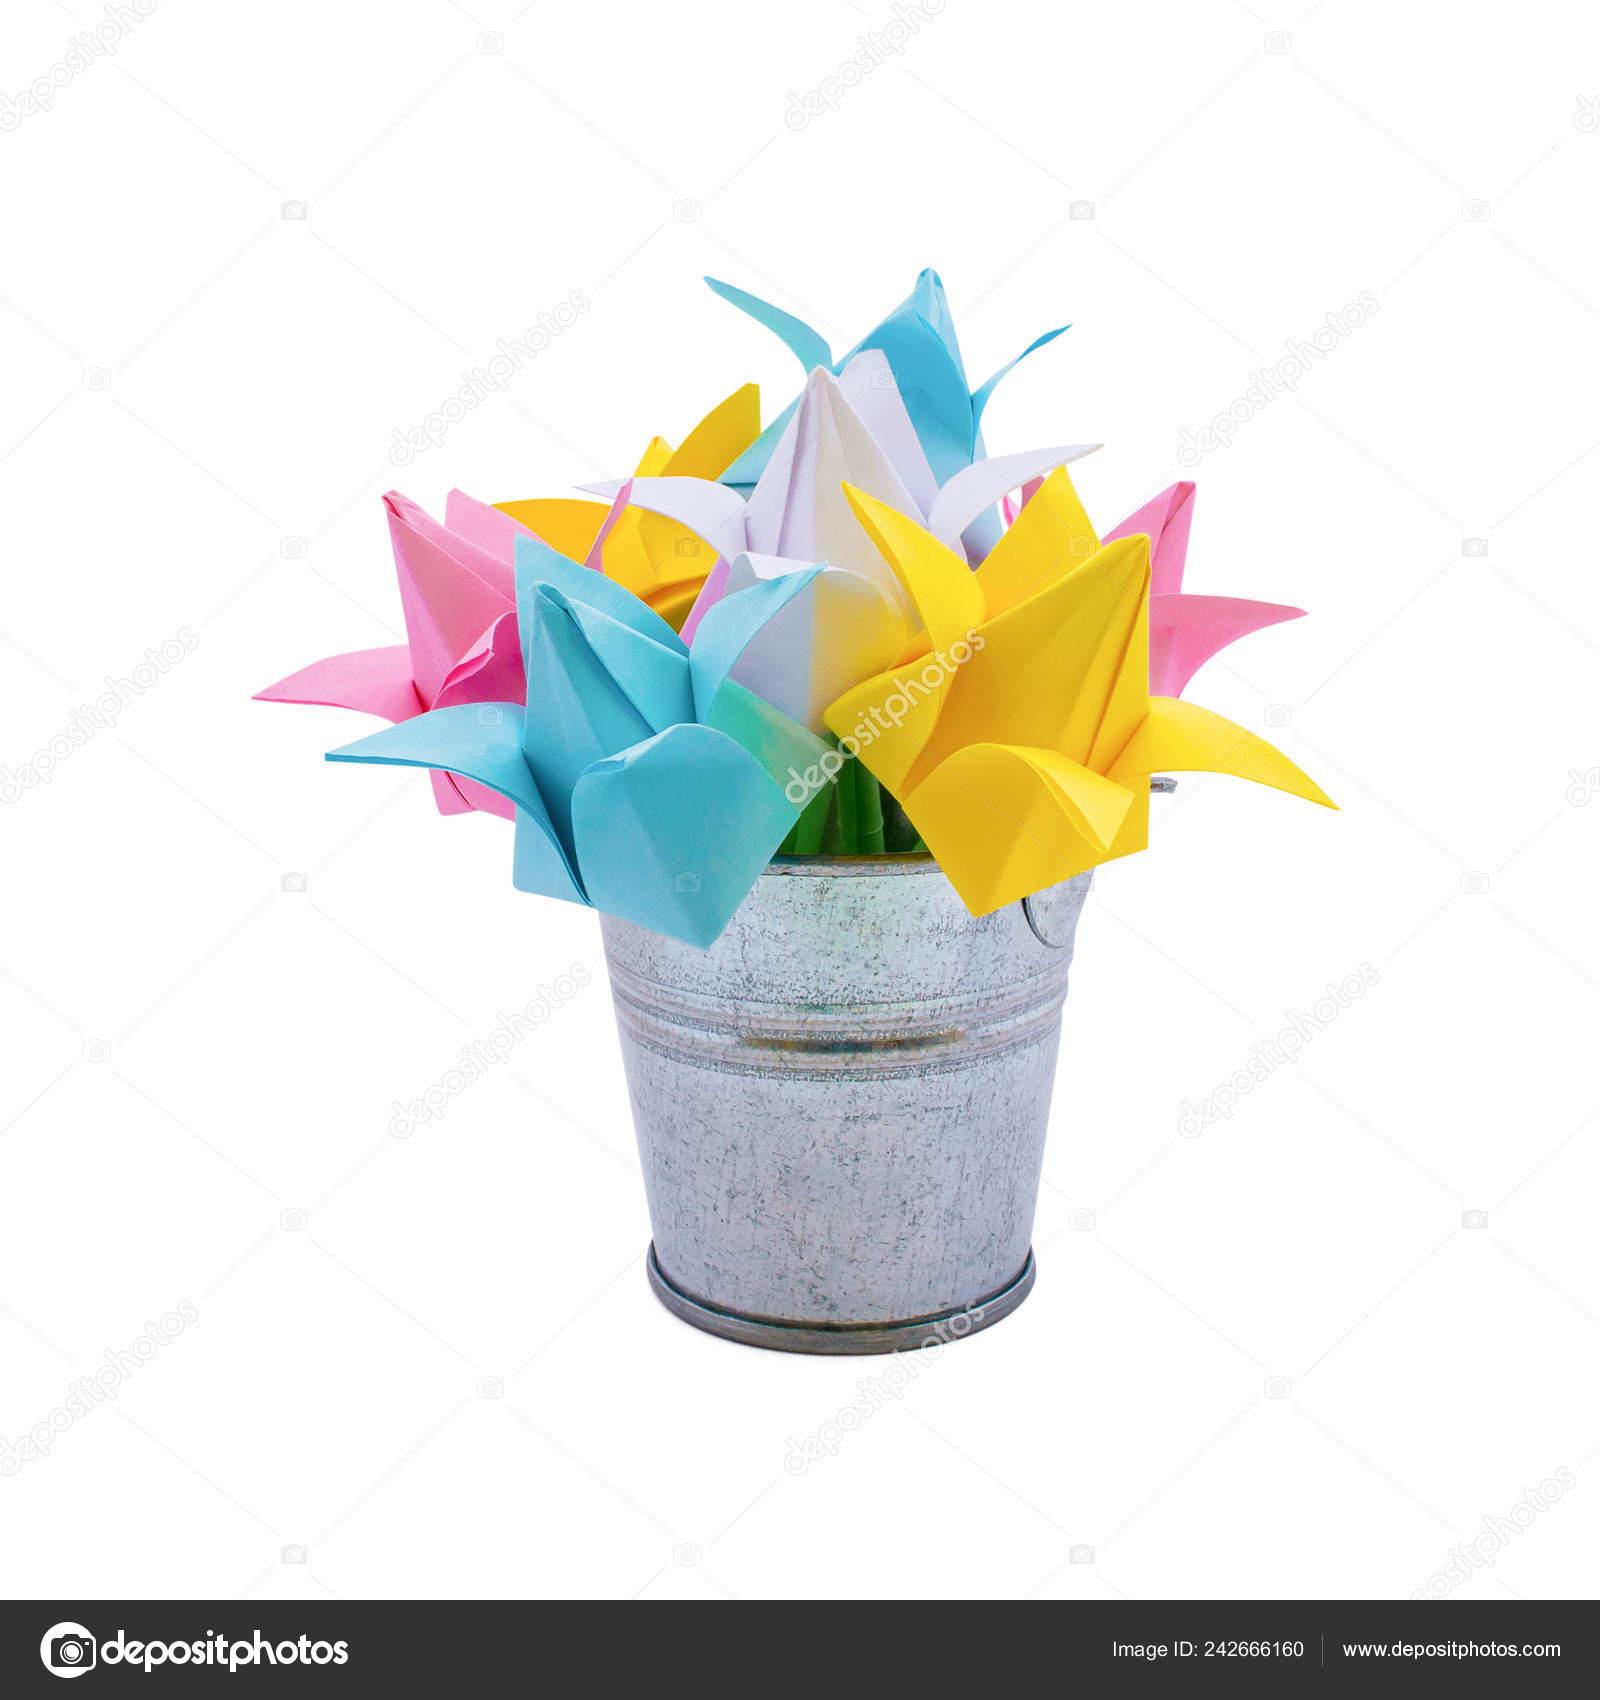 Handprint Flower and Paper Flowerpot Craft | 1700x1600